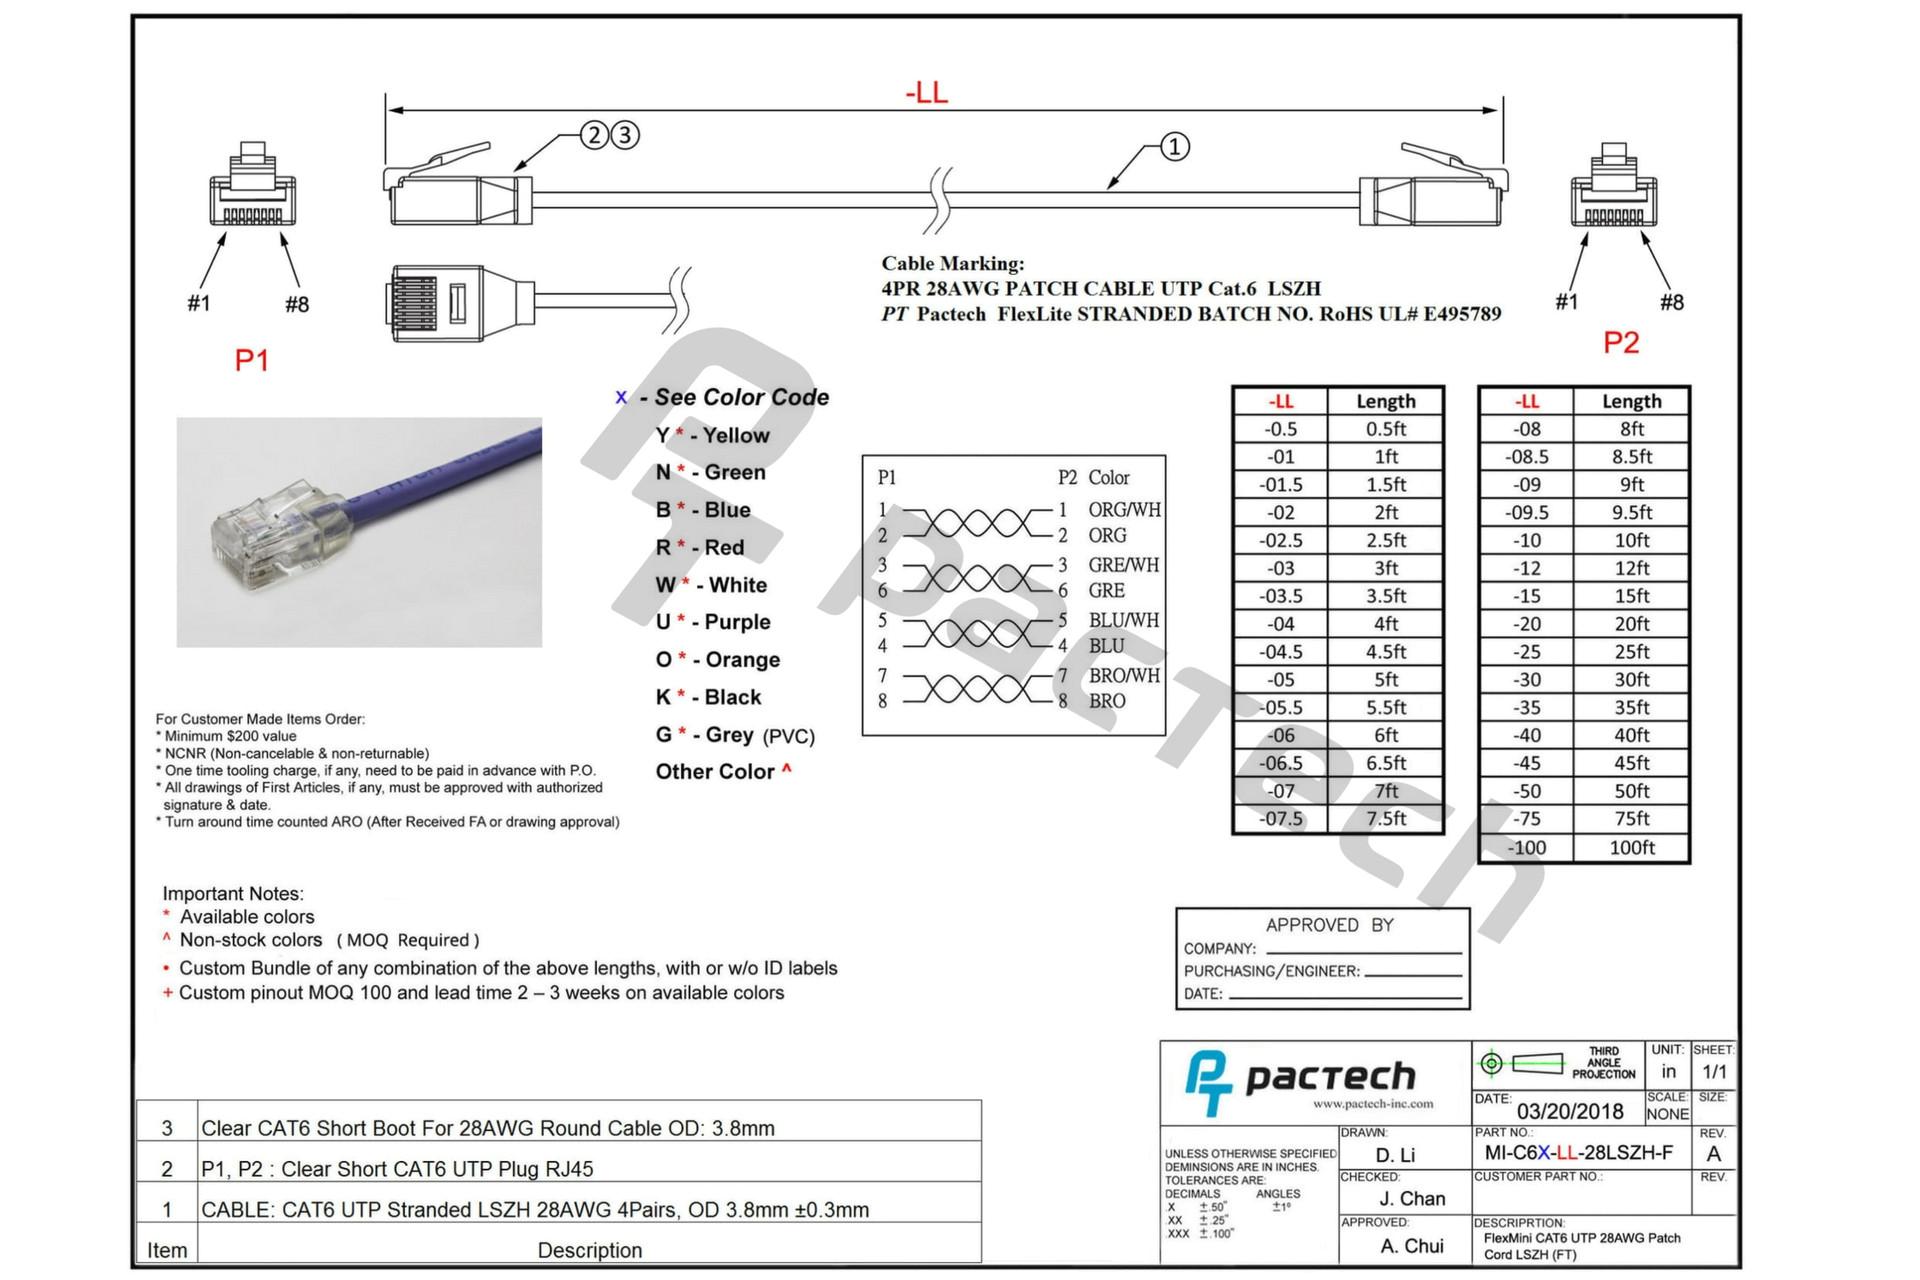 s10 wiring diagram pdf lovely cat 5 wiring diagram pdf inspirational s10 wiring diagram pdf best